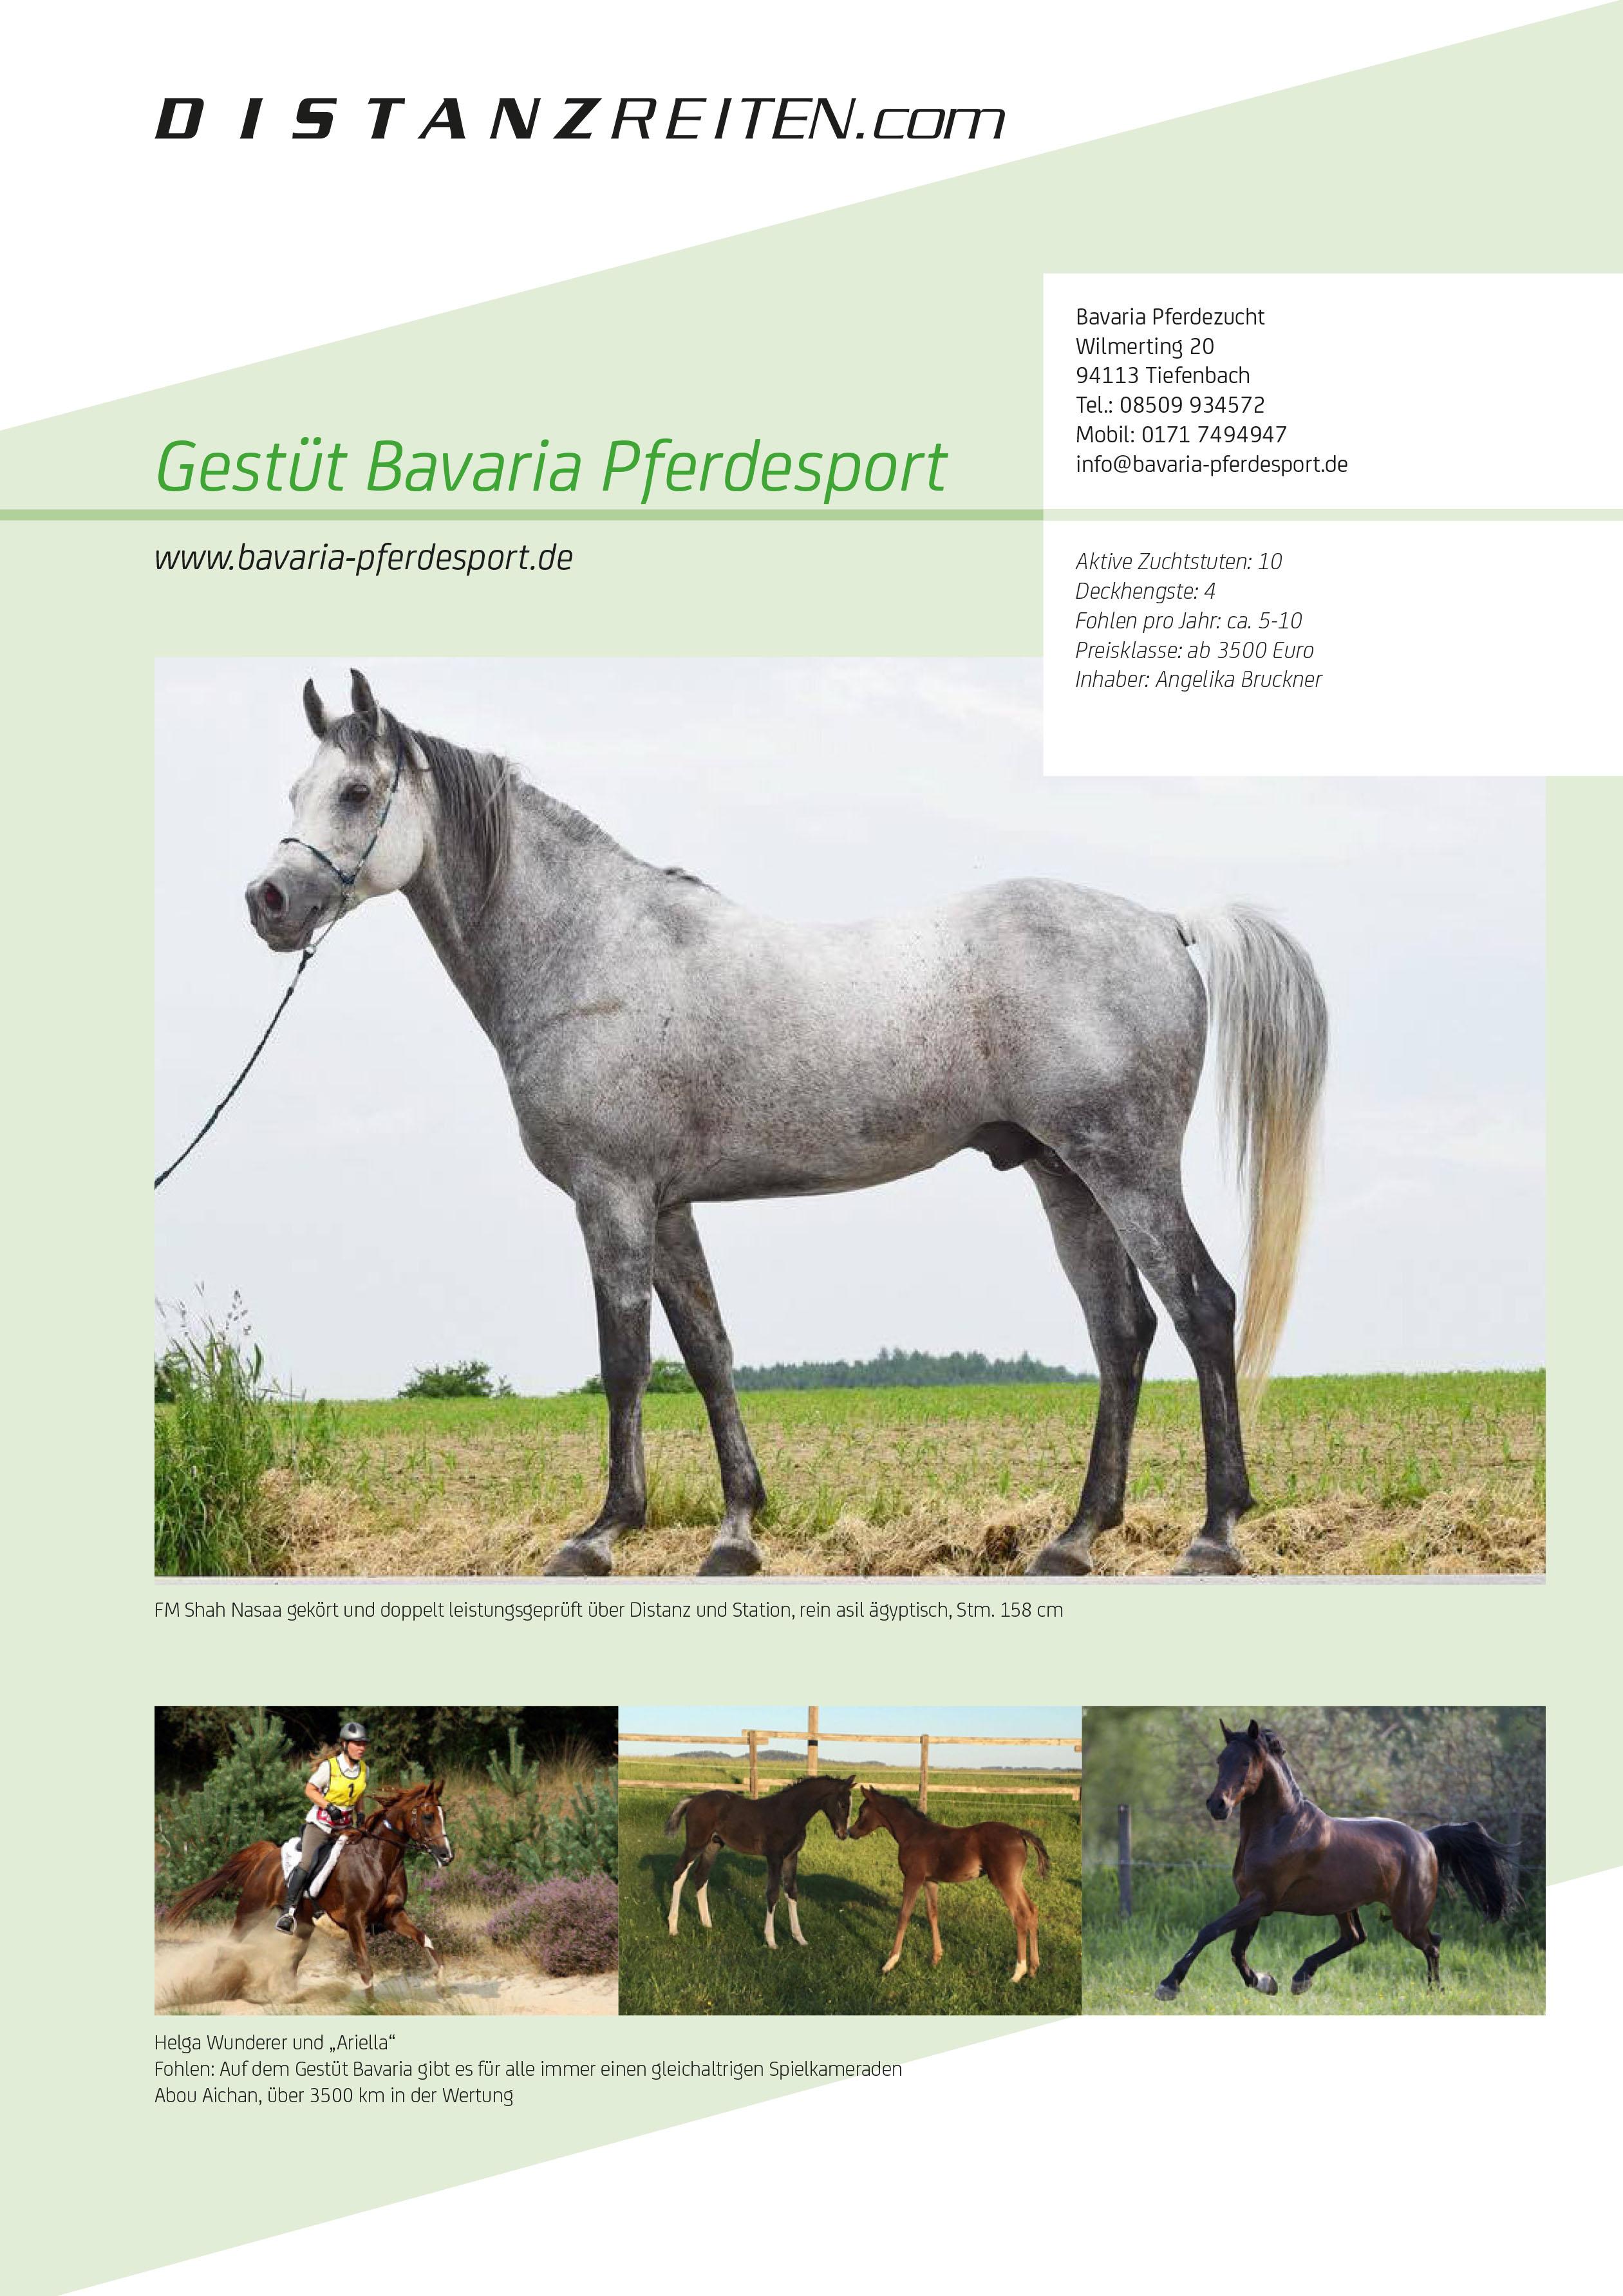 Bavaria Pferdesport Flyer, Grafik: Samantha Fröhlich